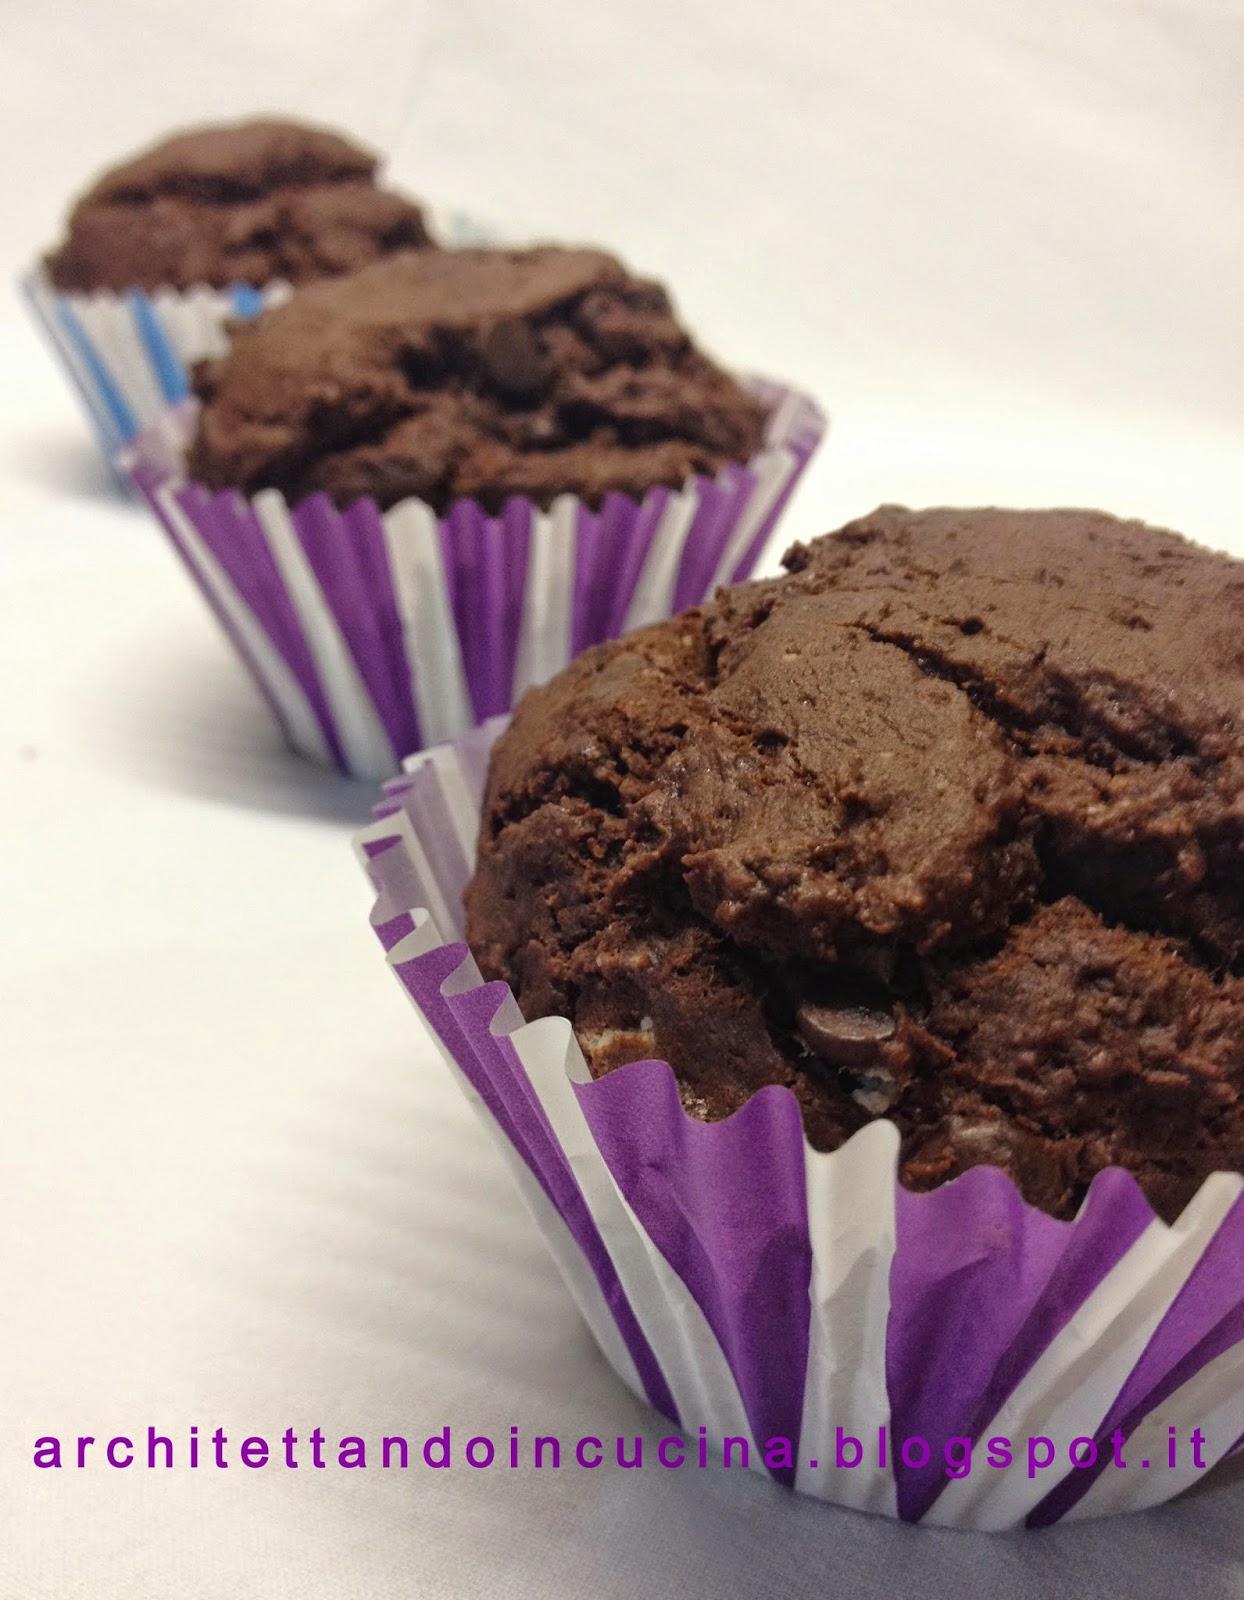 muffin al triplo cioccolato gluten free